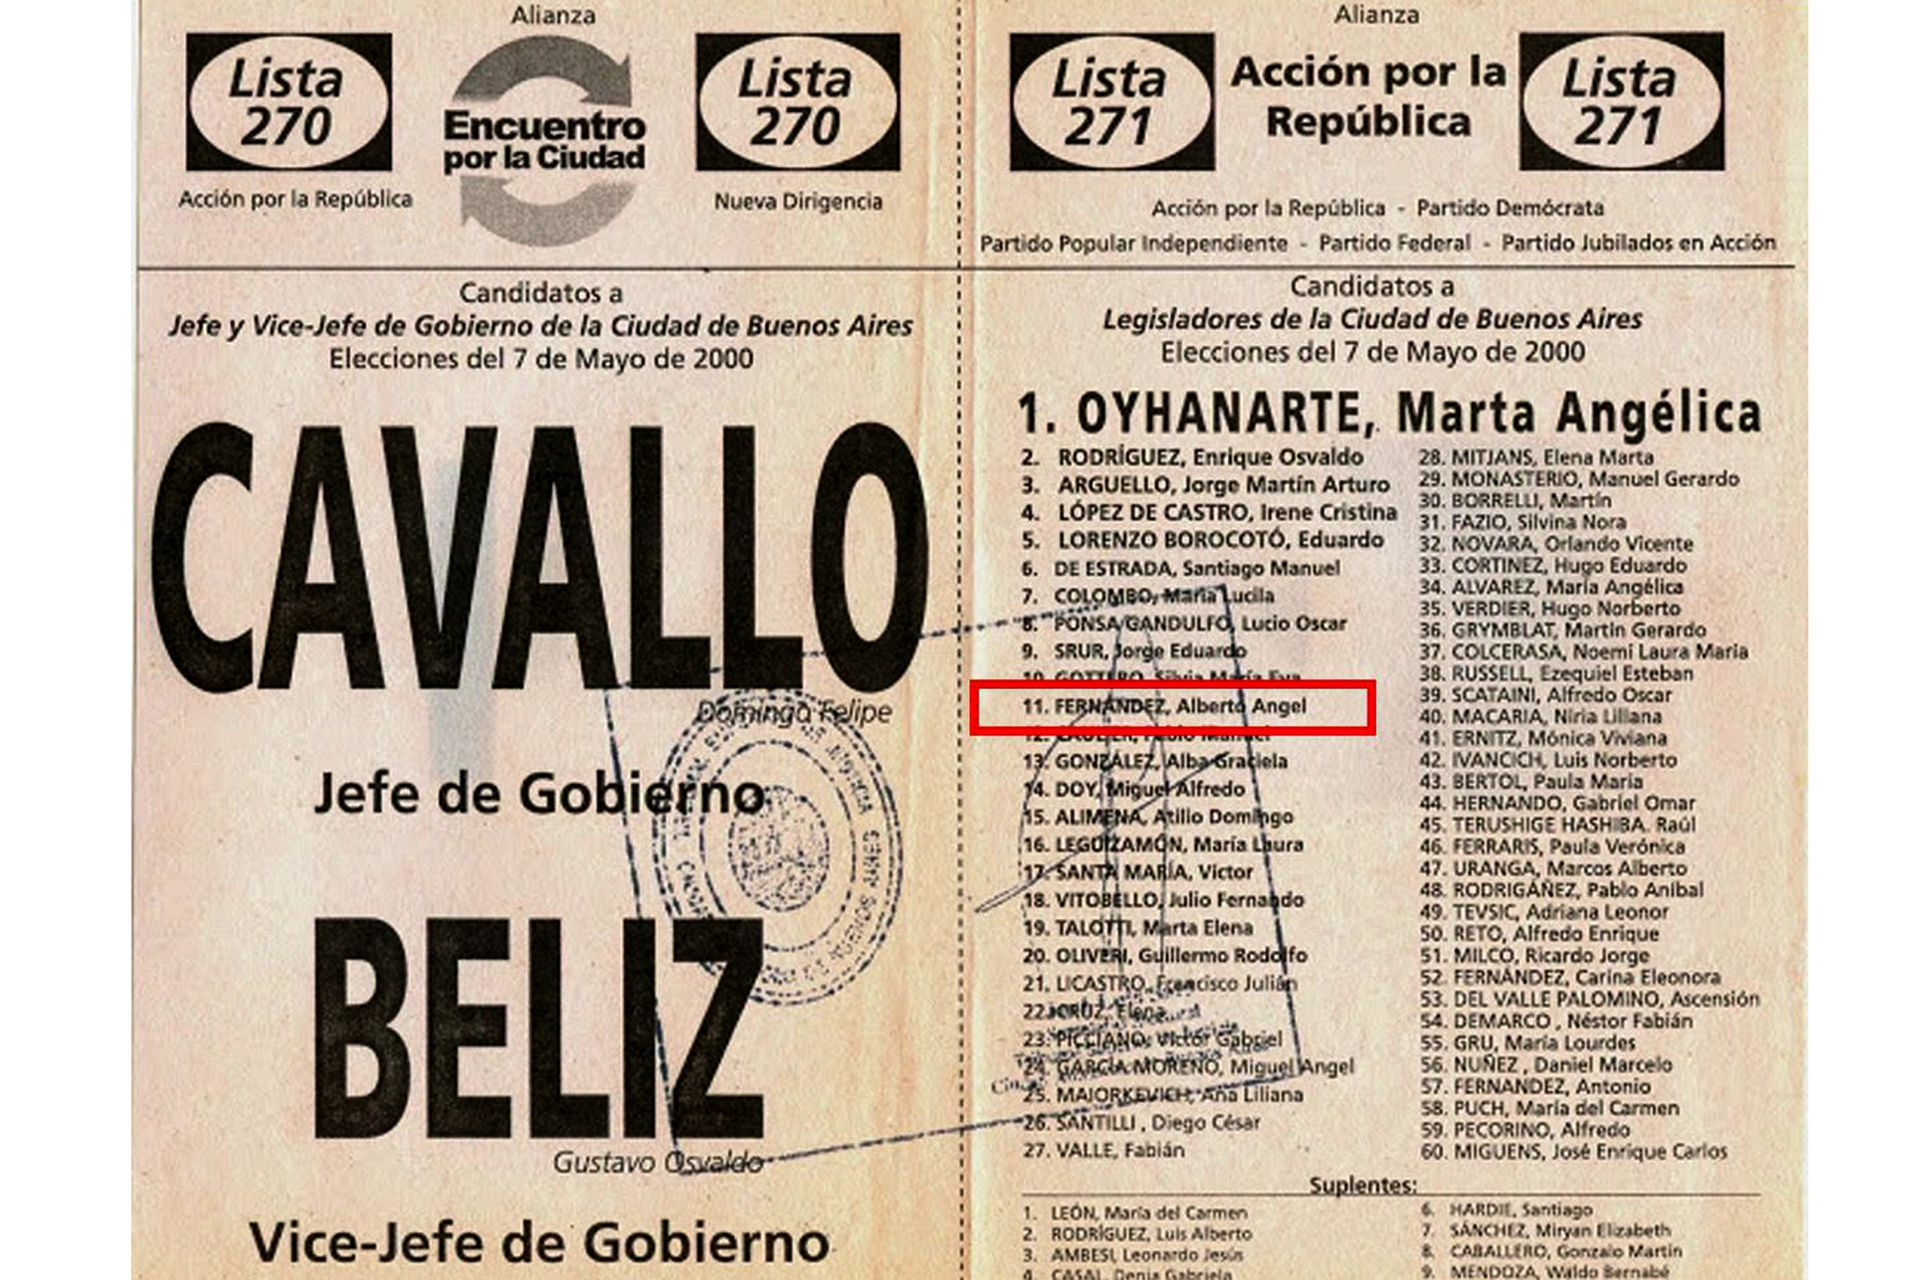 Boleta para las elecciones del 7 de mayo de 2000